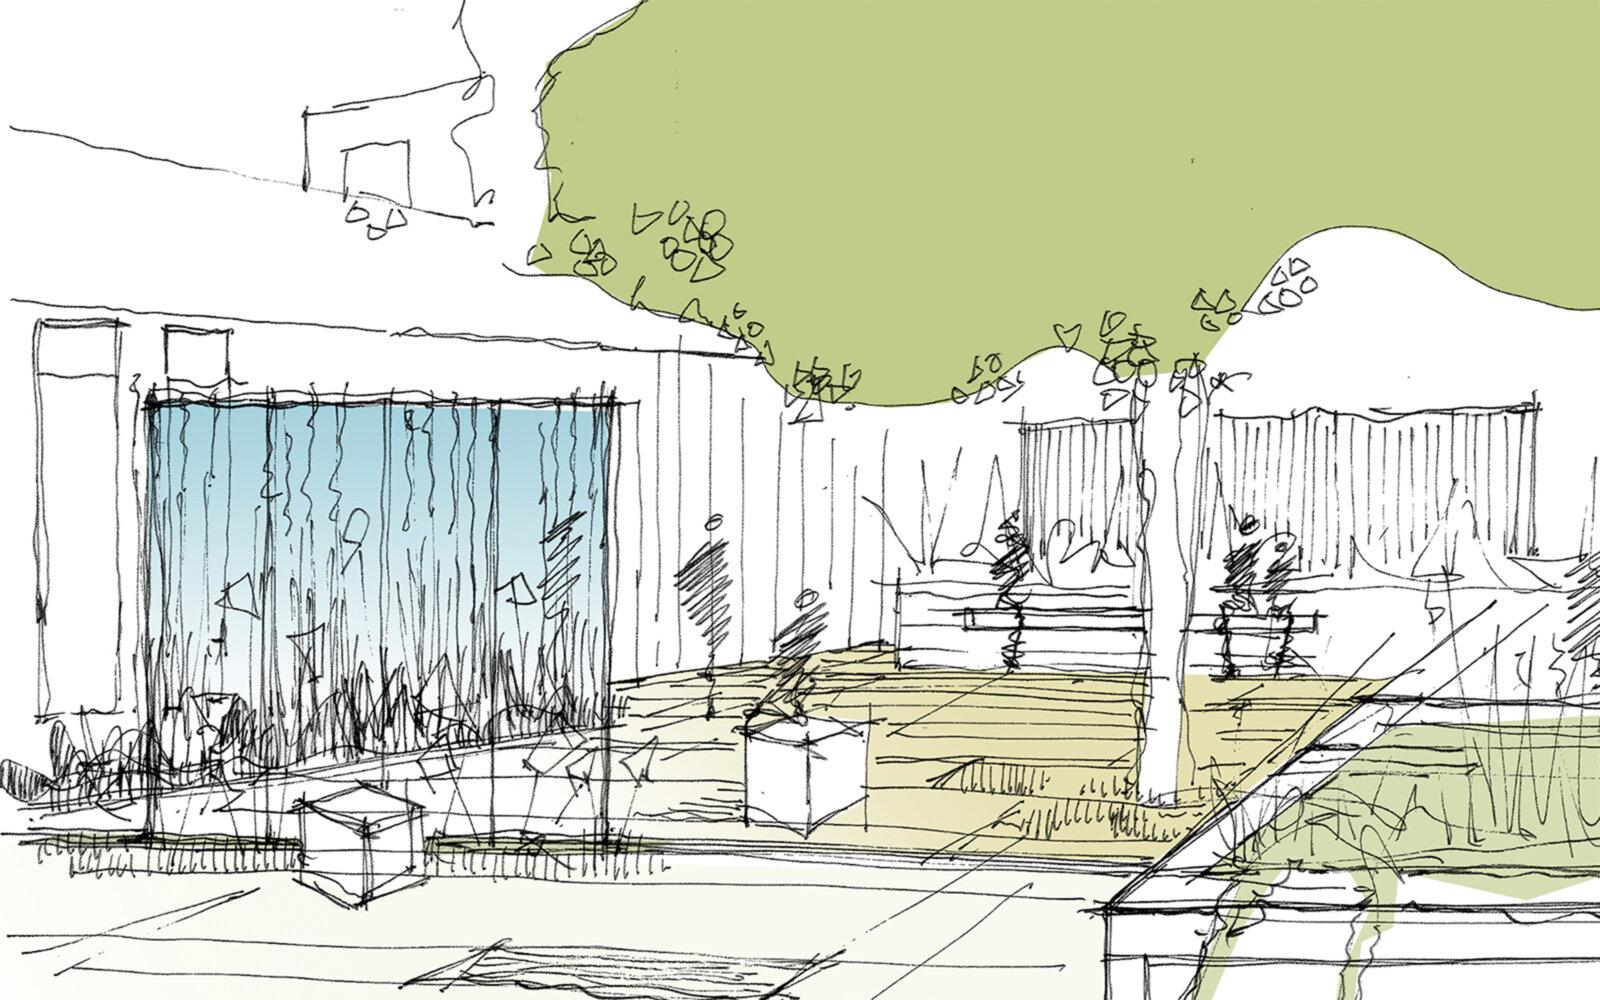 Delamere Support and Information Centre landscape sketch